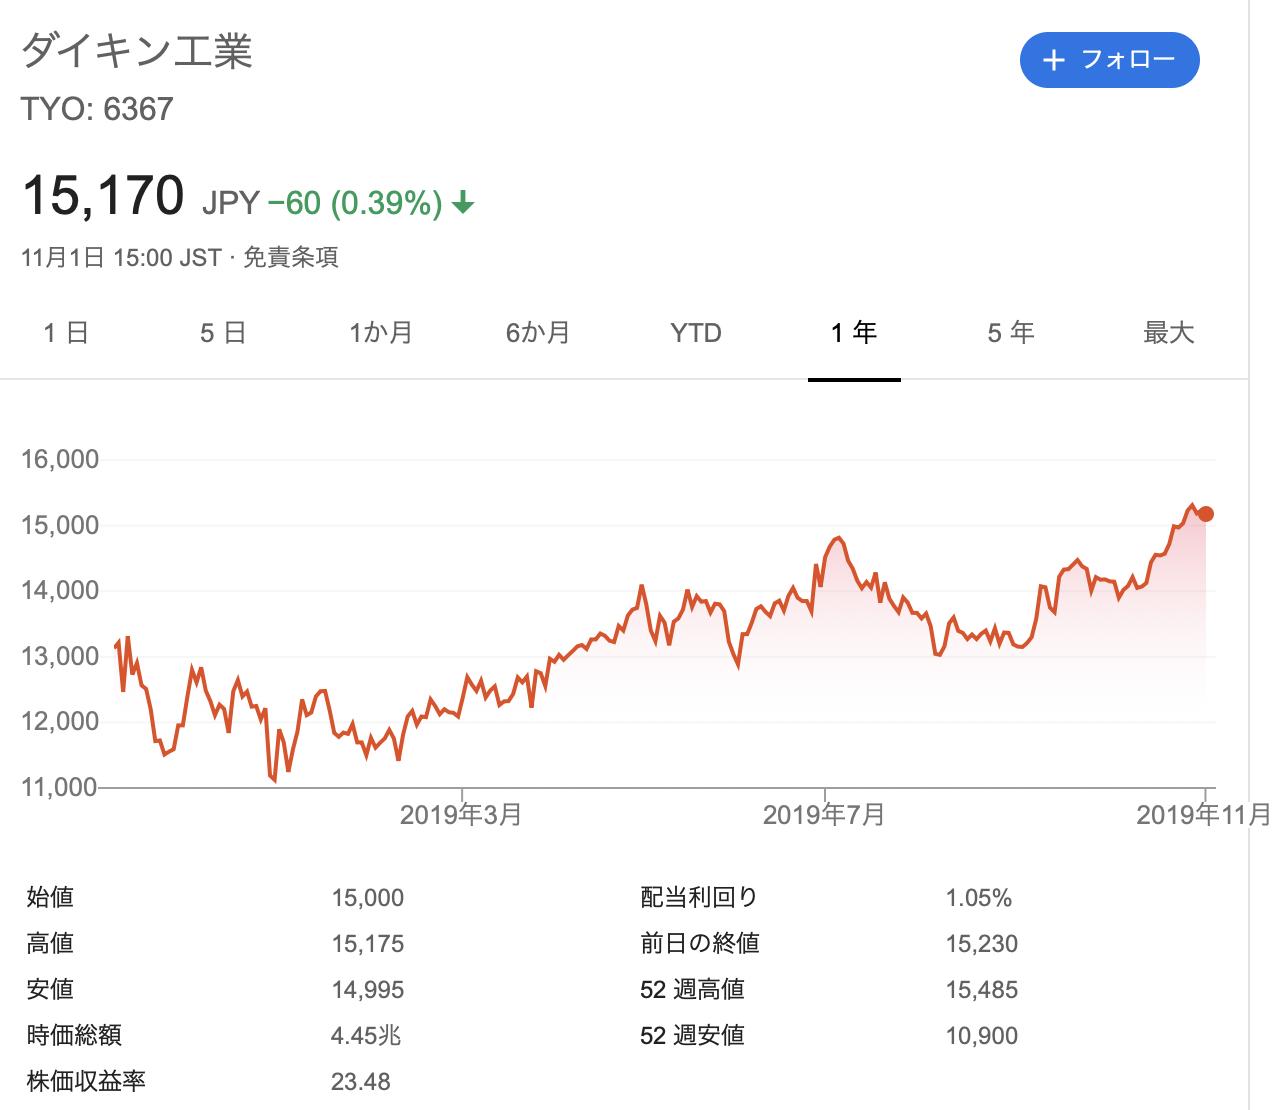 ダイキン工業株式会社 株価